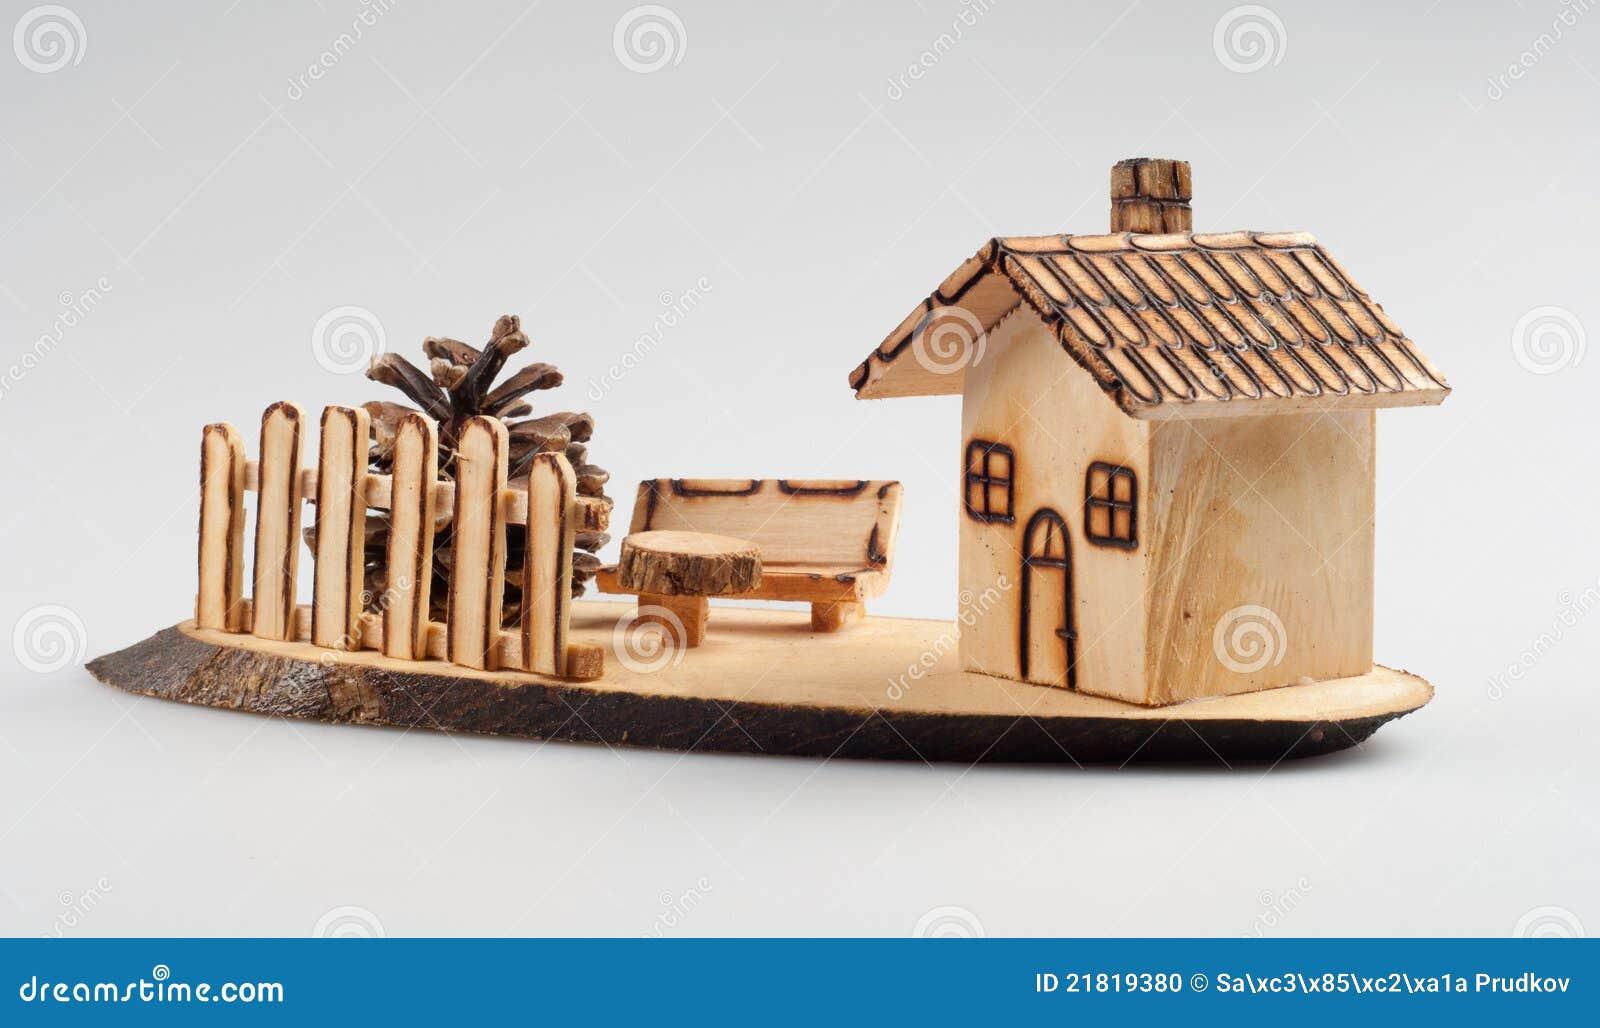 Small wooden house decoration stock photo image 21819380 - Decoration maison en bois ...